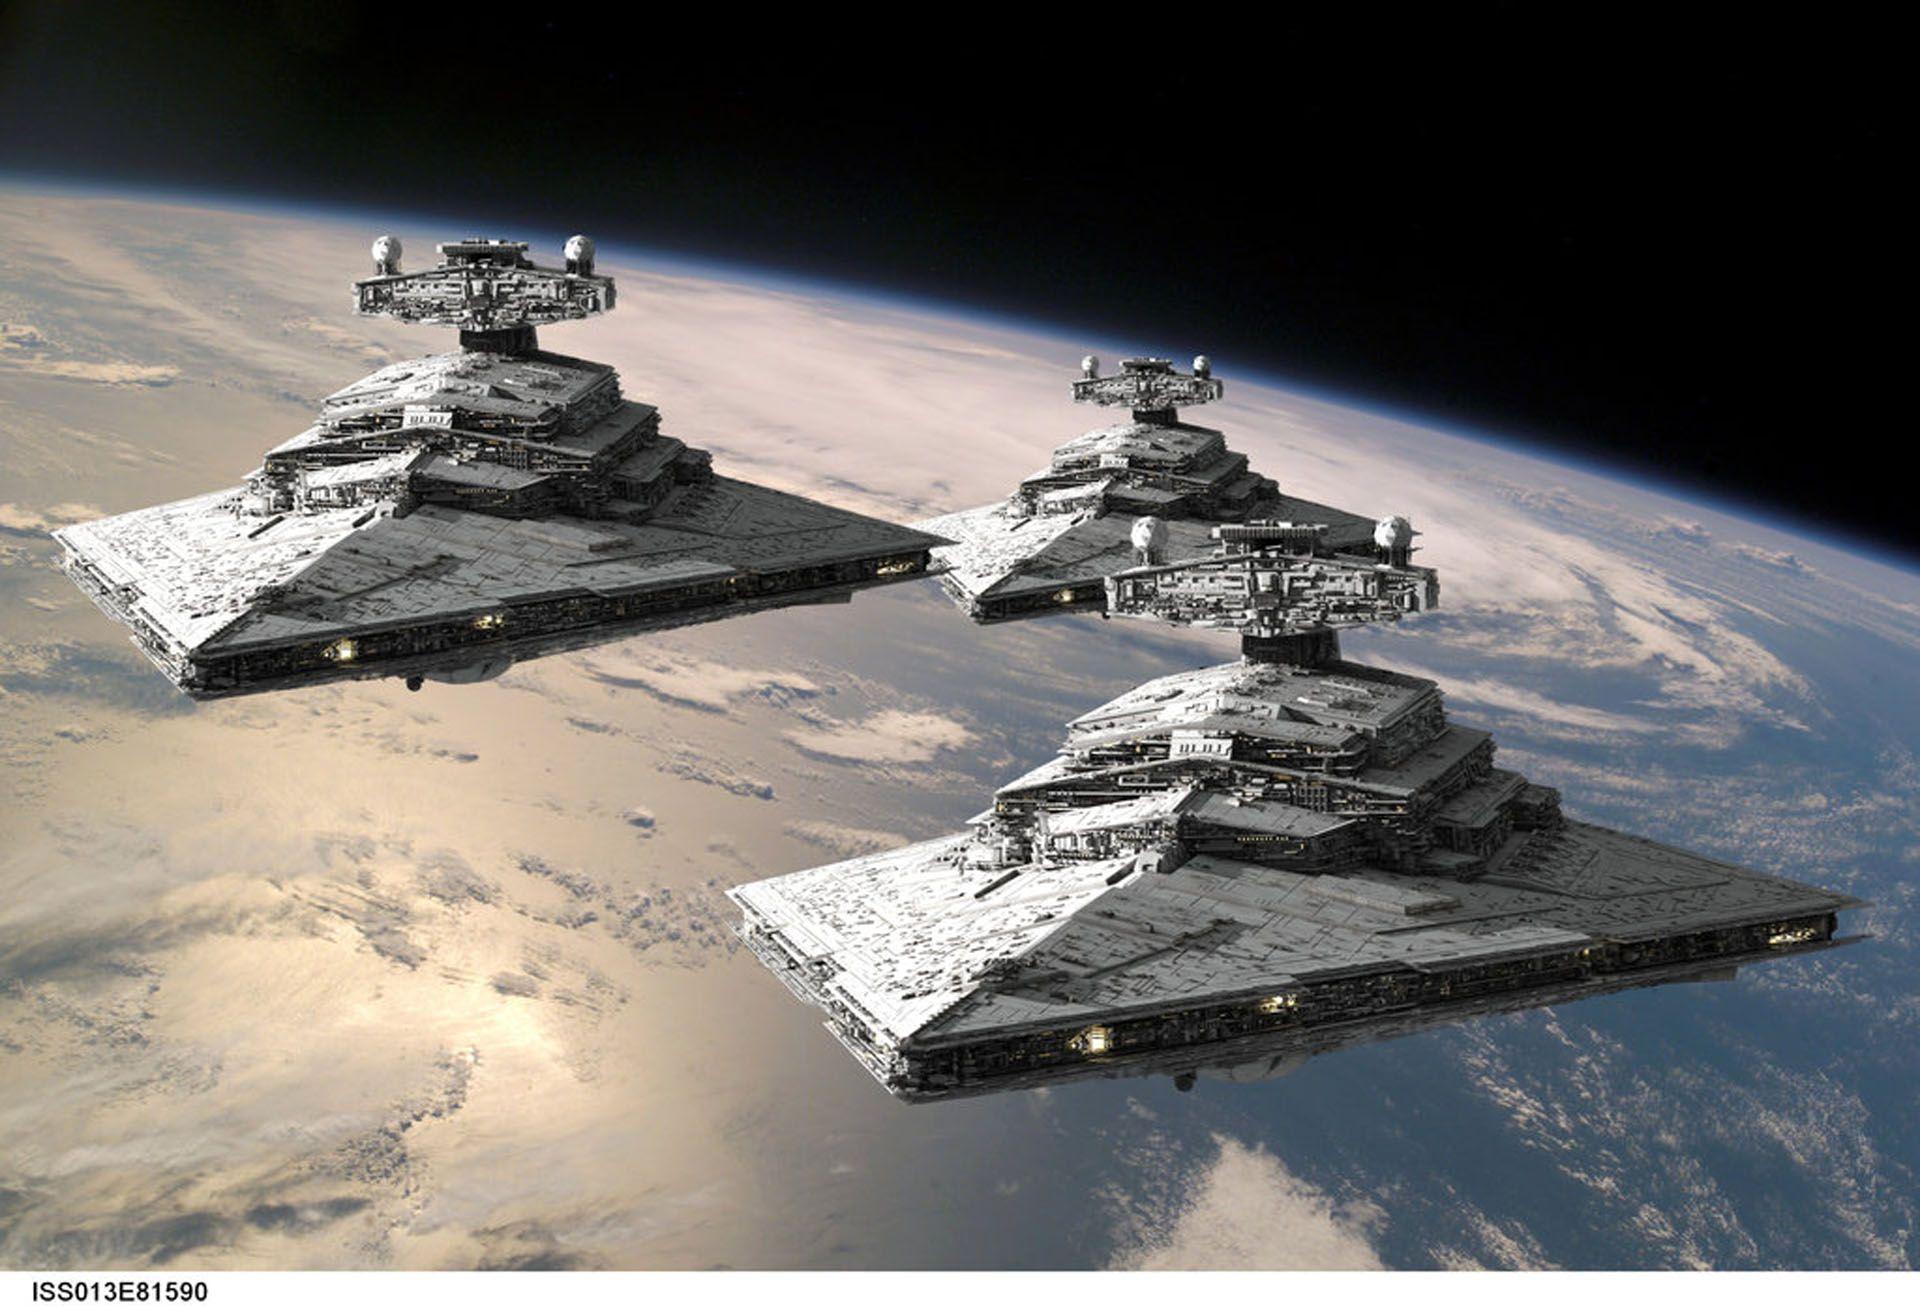 Star Wars Ship Wallpaper